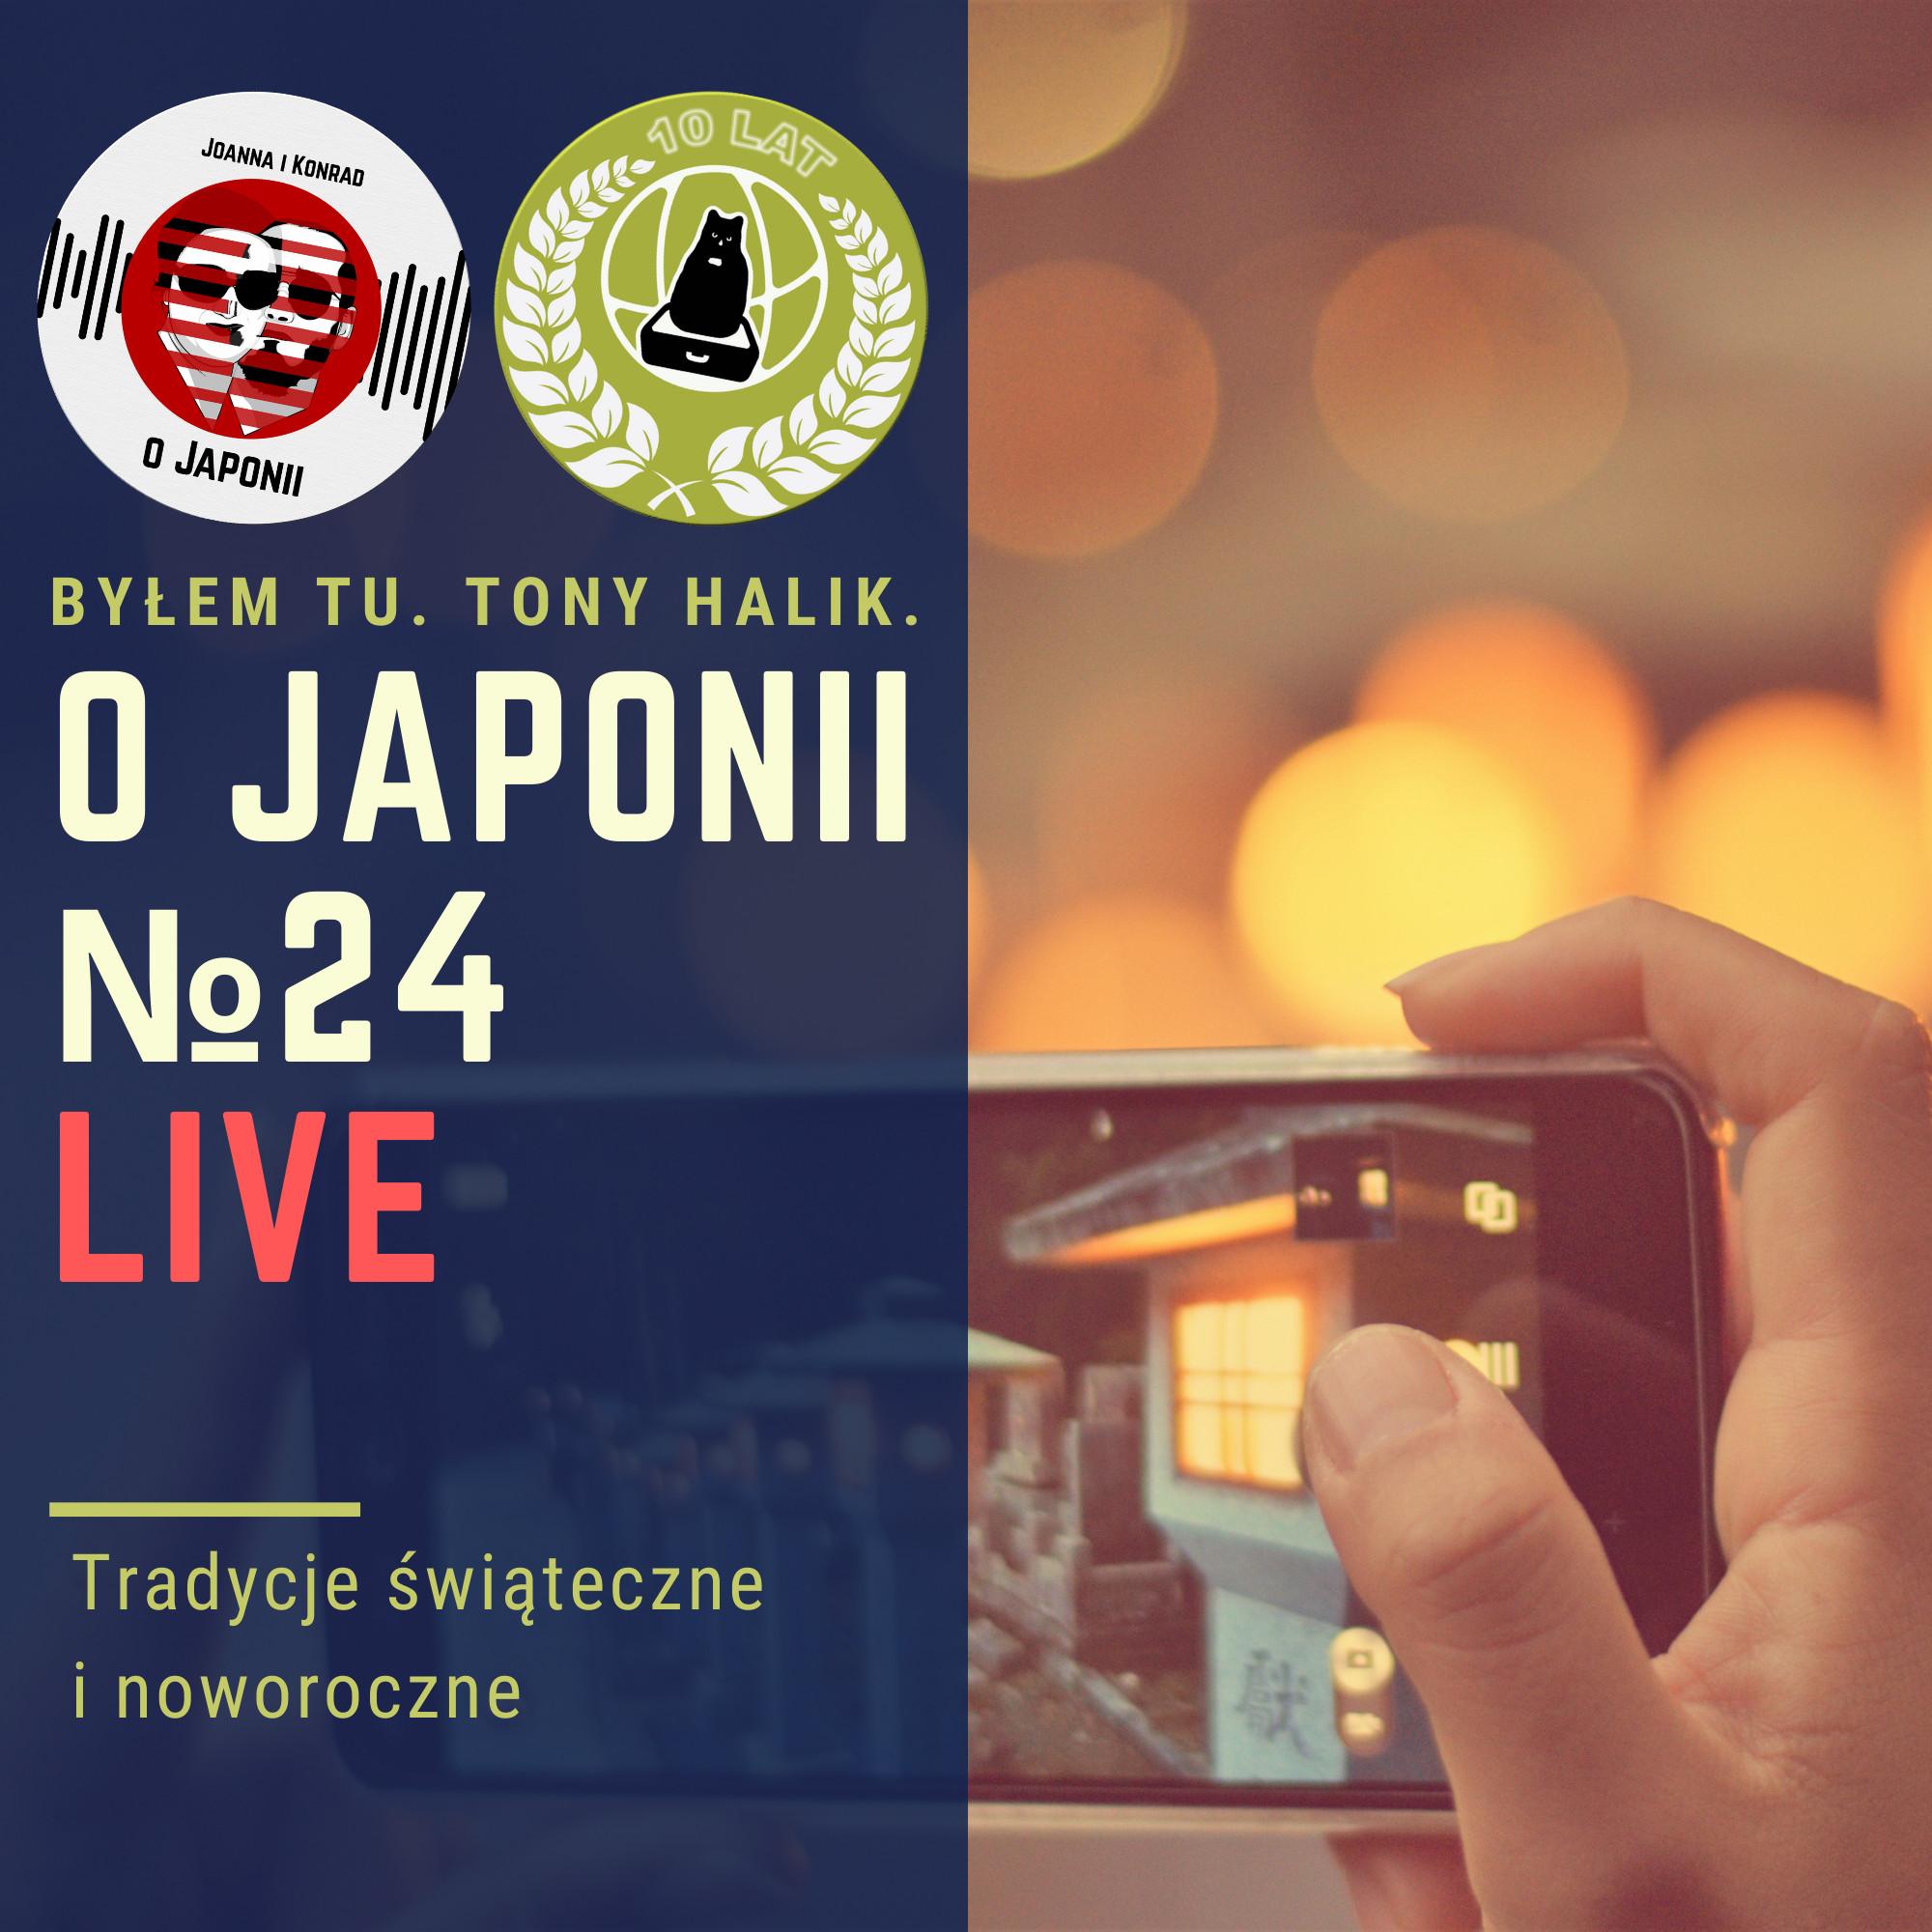 Podcast oJaponii №24 (Świąteczny - tradycje gwiazdkowe inoworoczne)